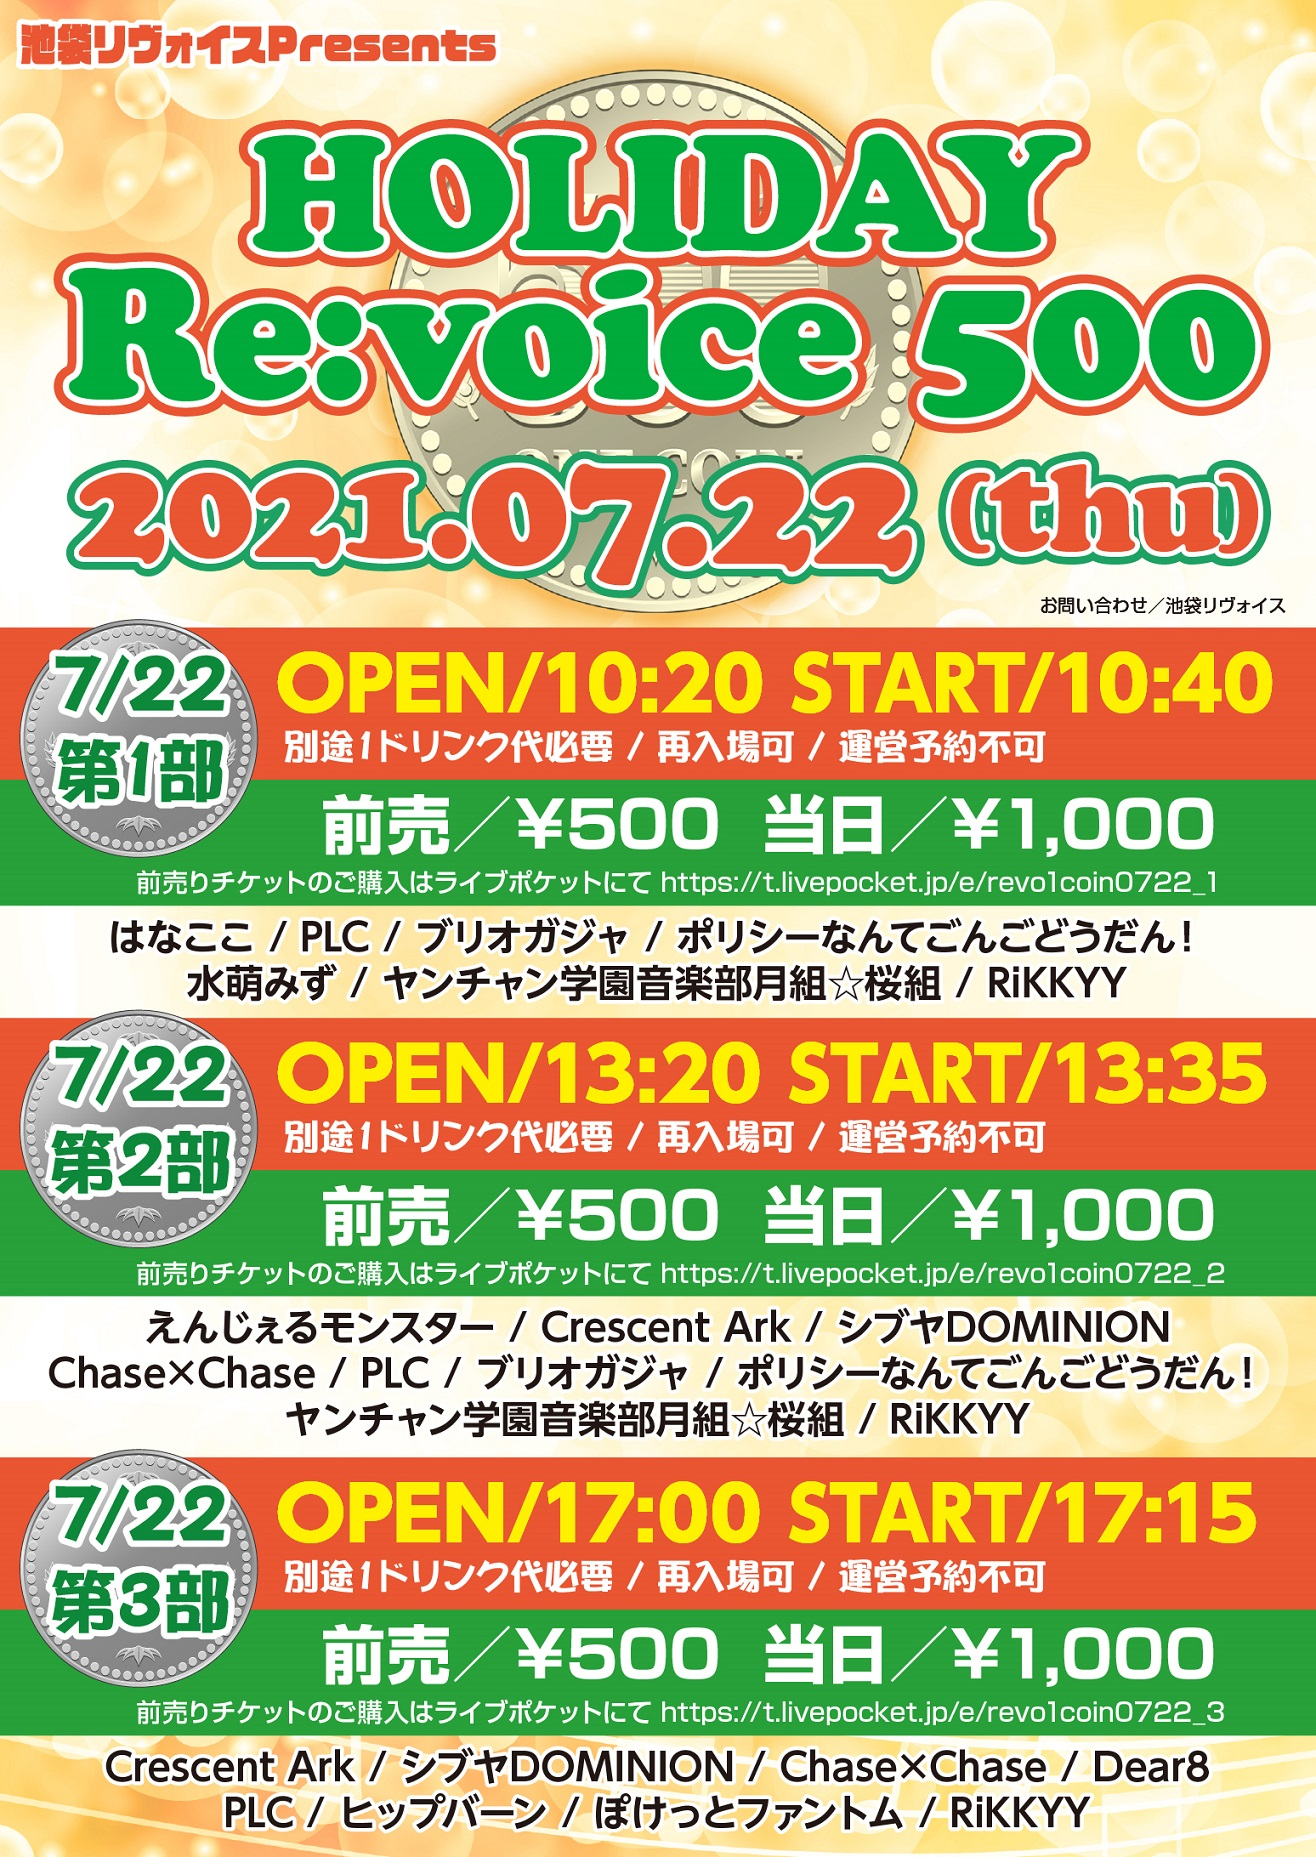 【第二部】HOLIDAY Re:voice 500